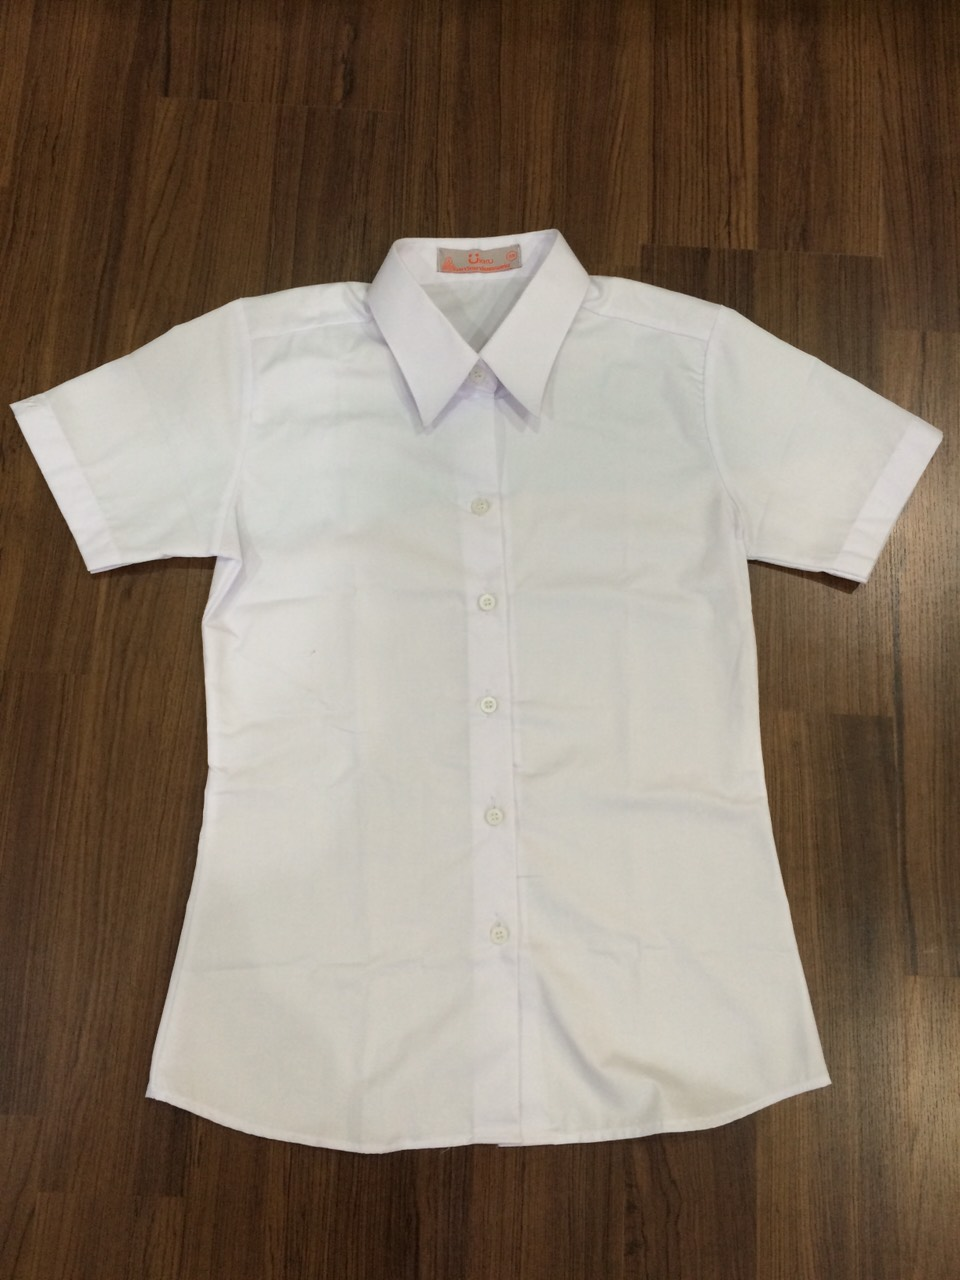 เสื้อเชิ๊ตนักศึกษาหญิง รอบอก 42 นิ้ว ไซด์ XL